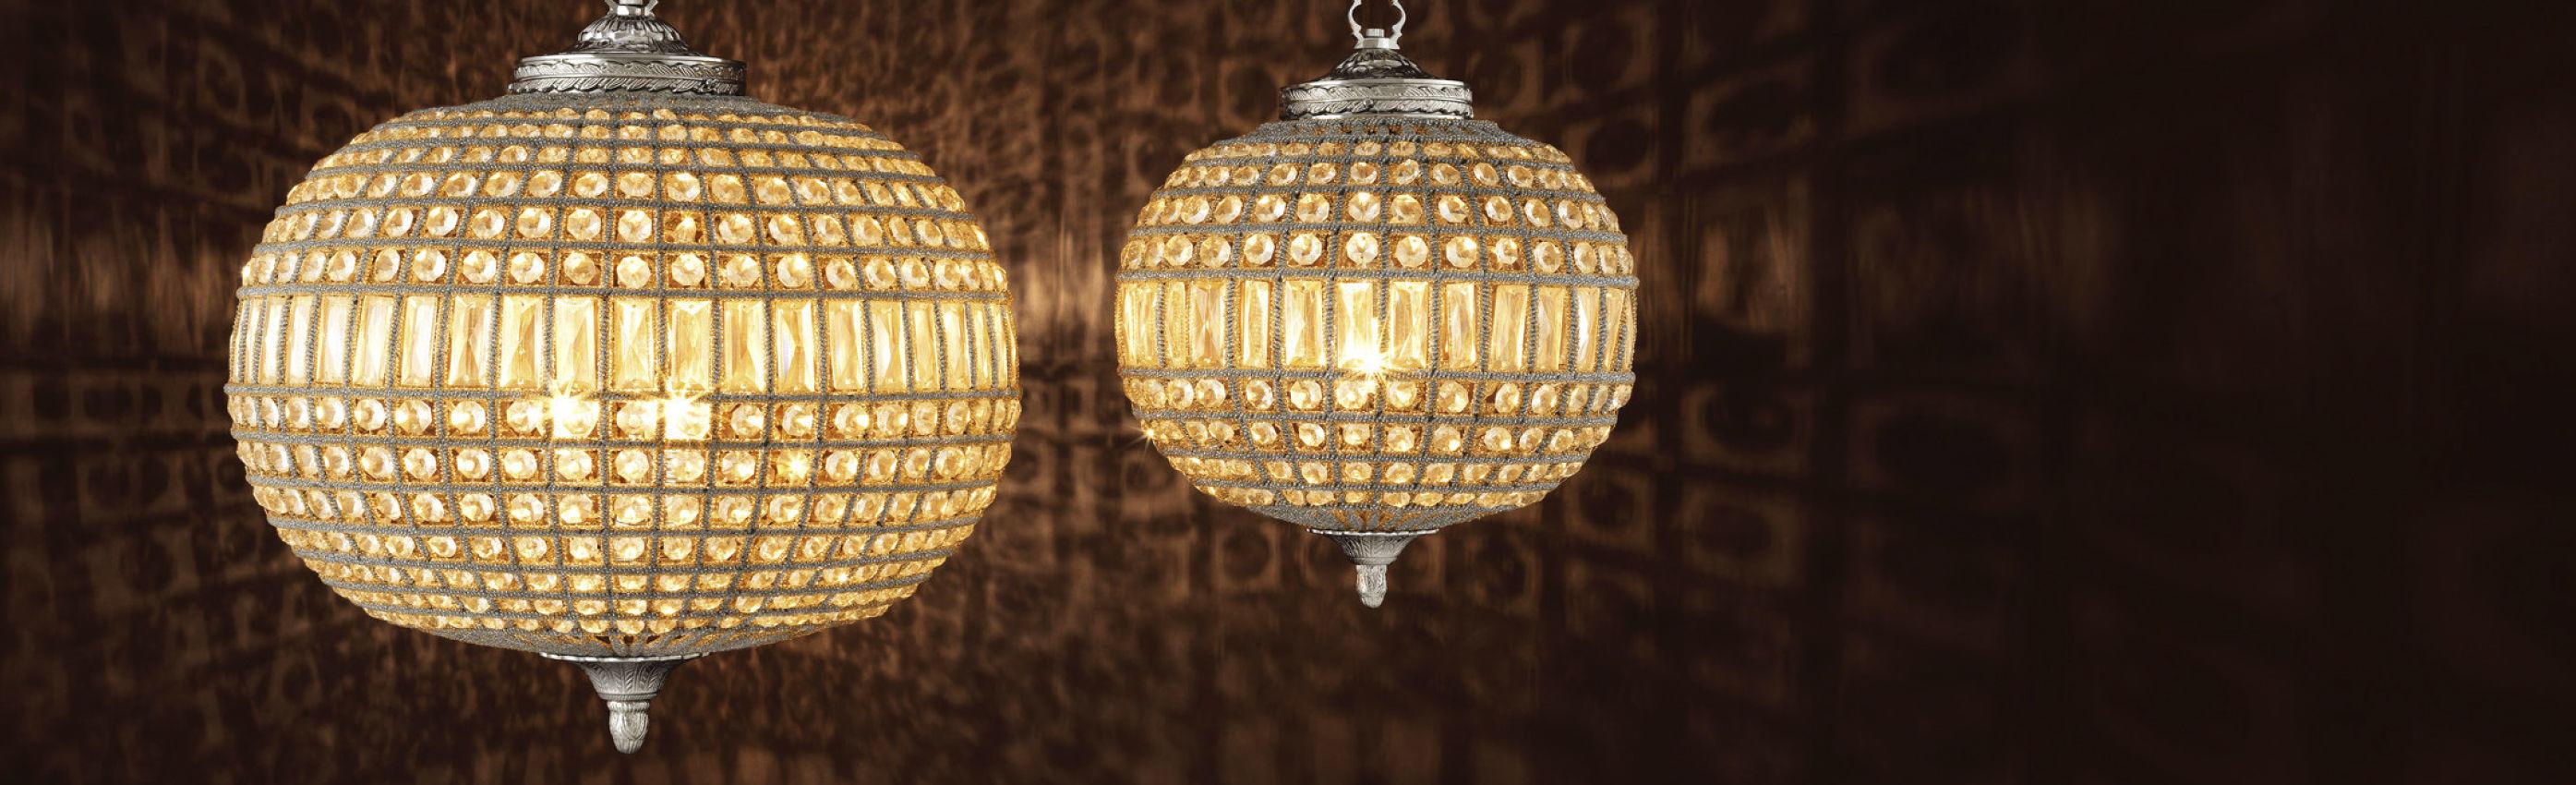 Lanterns & chandeliers